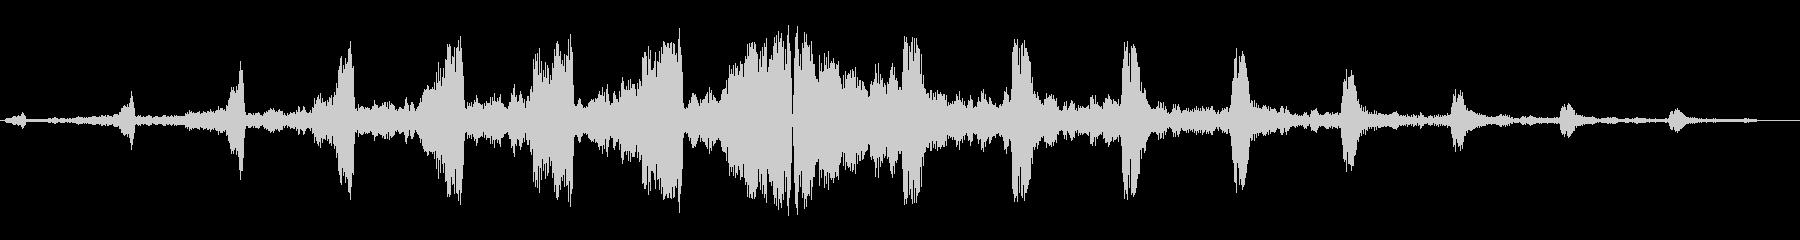 キュワンキュワン(謎の飛行物体)の未再生の波形